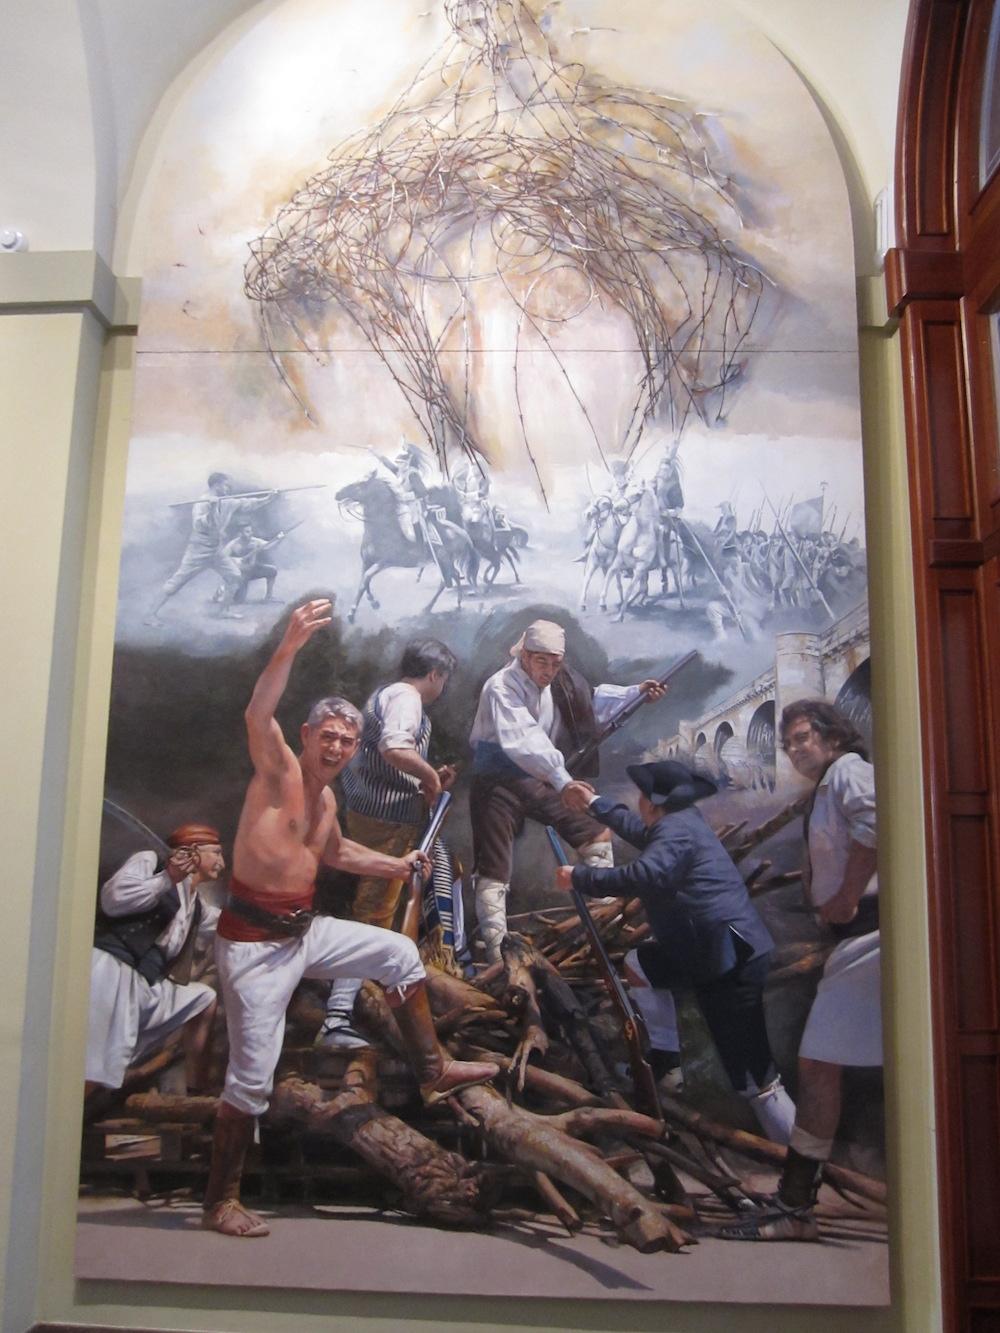 Este mural presenta una alegoría sobre la guerra de la Independencia y, al tiempo, refiere el arrebato del heroísmo.